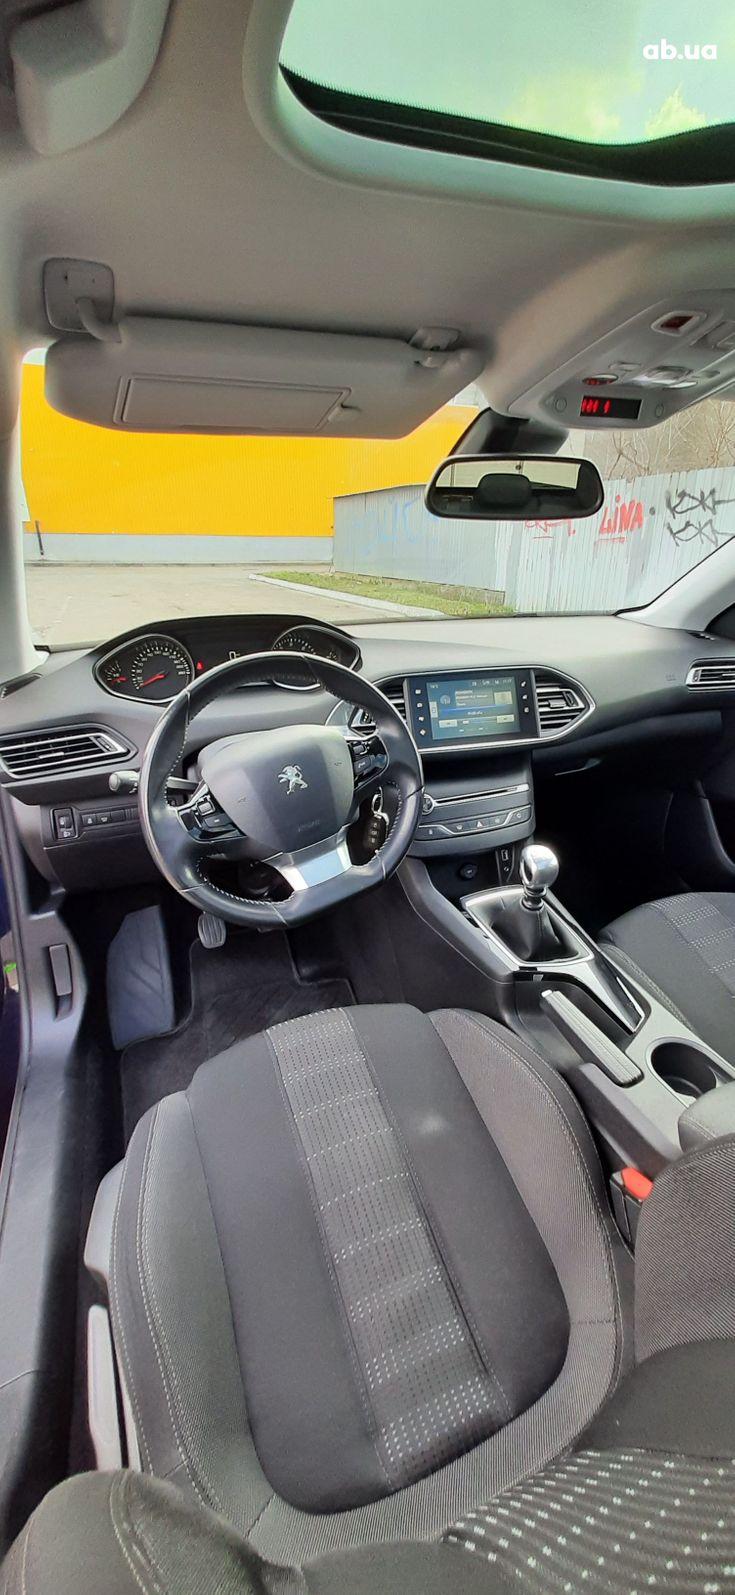 Peugeot 308 2015 синий - фото 17